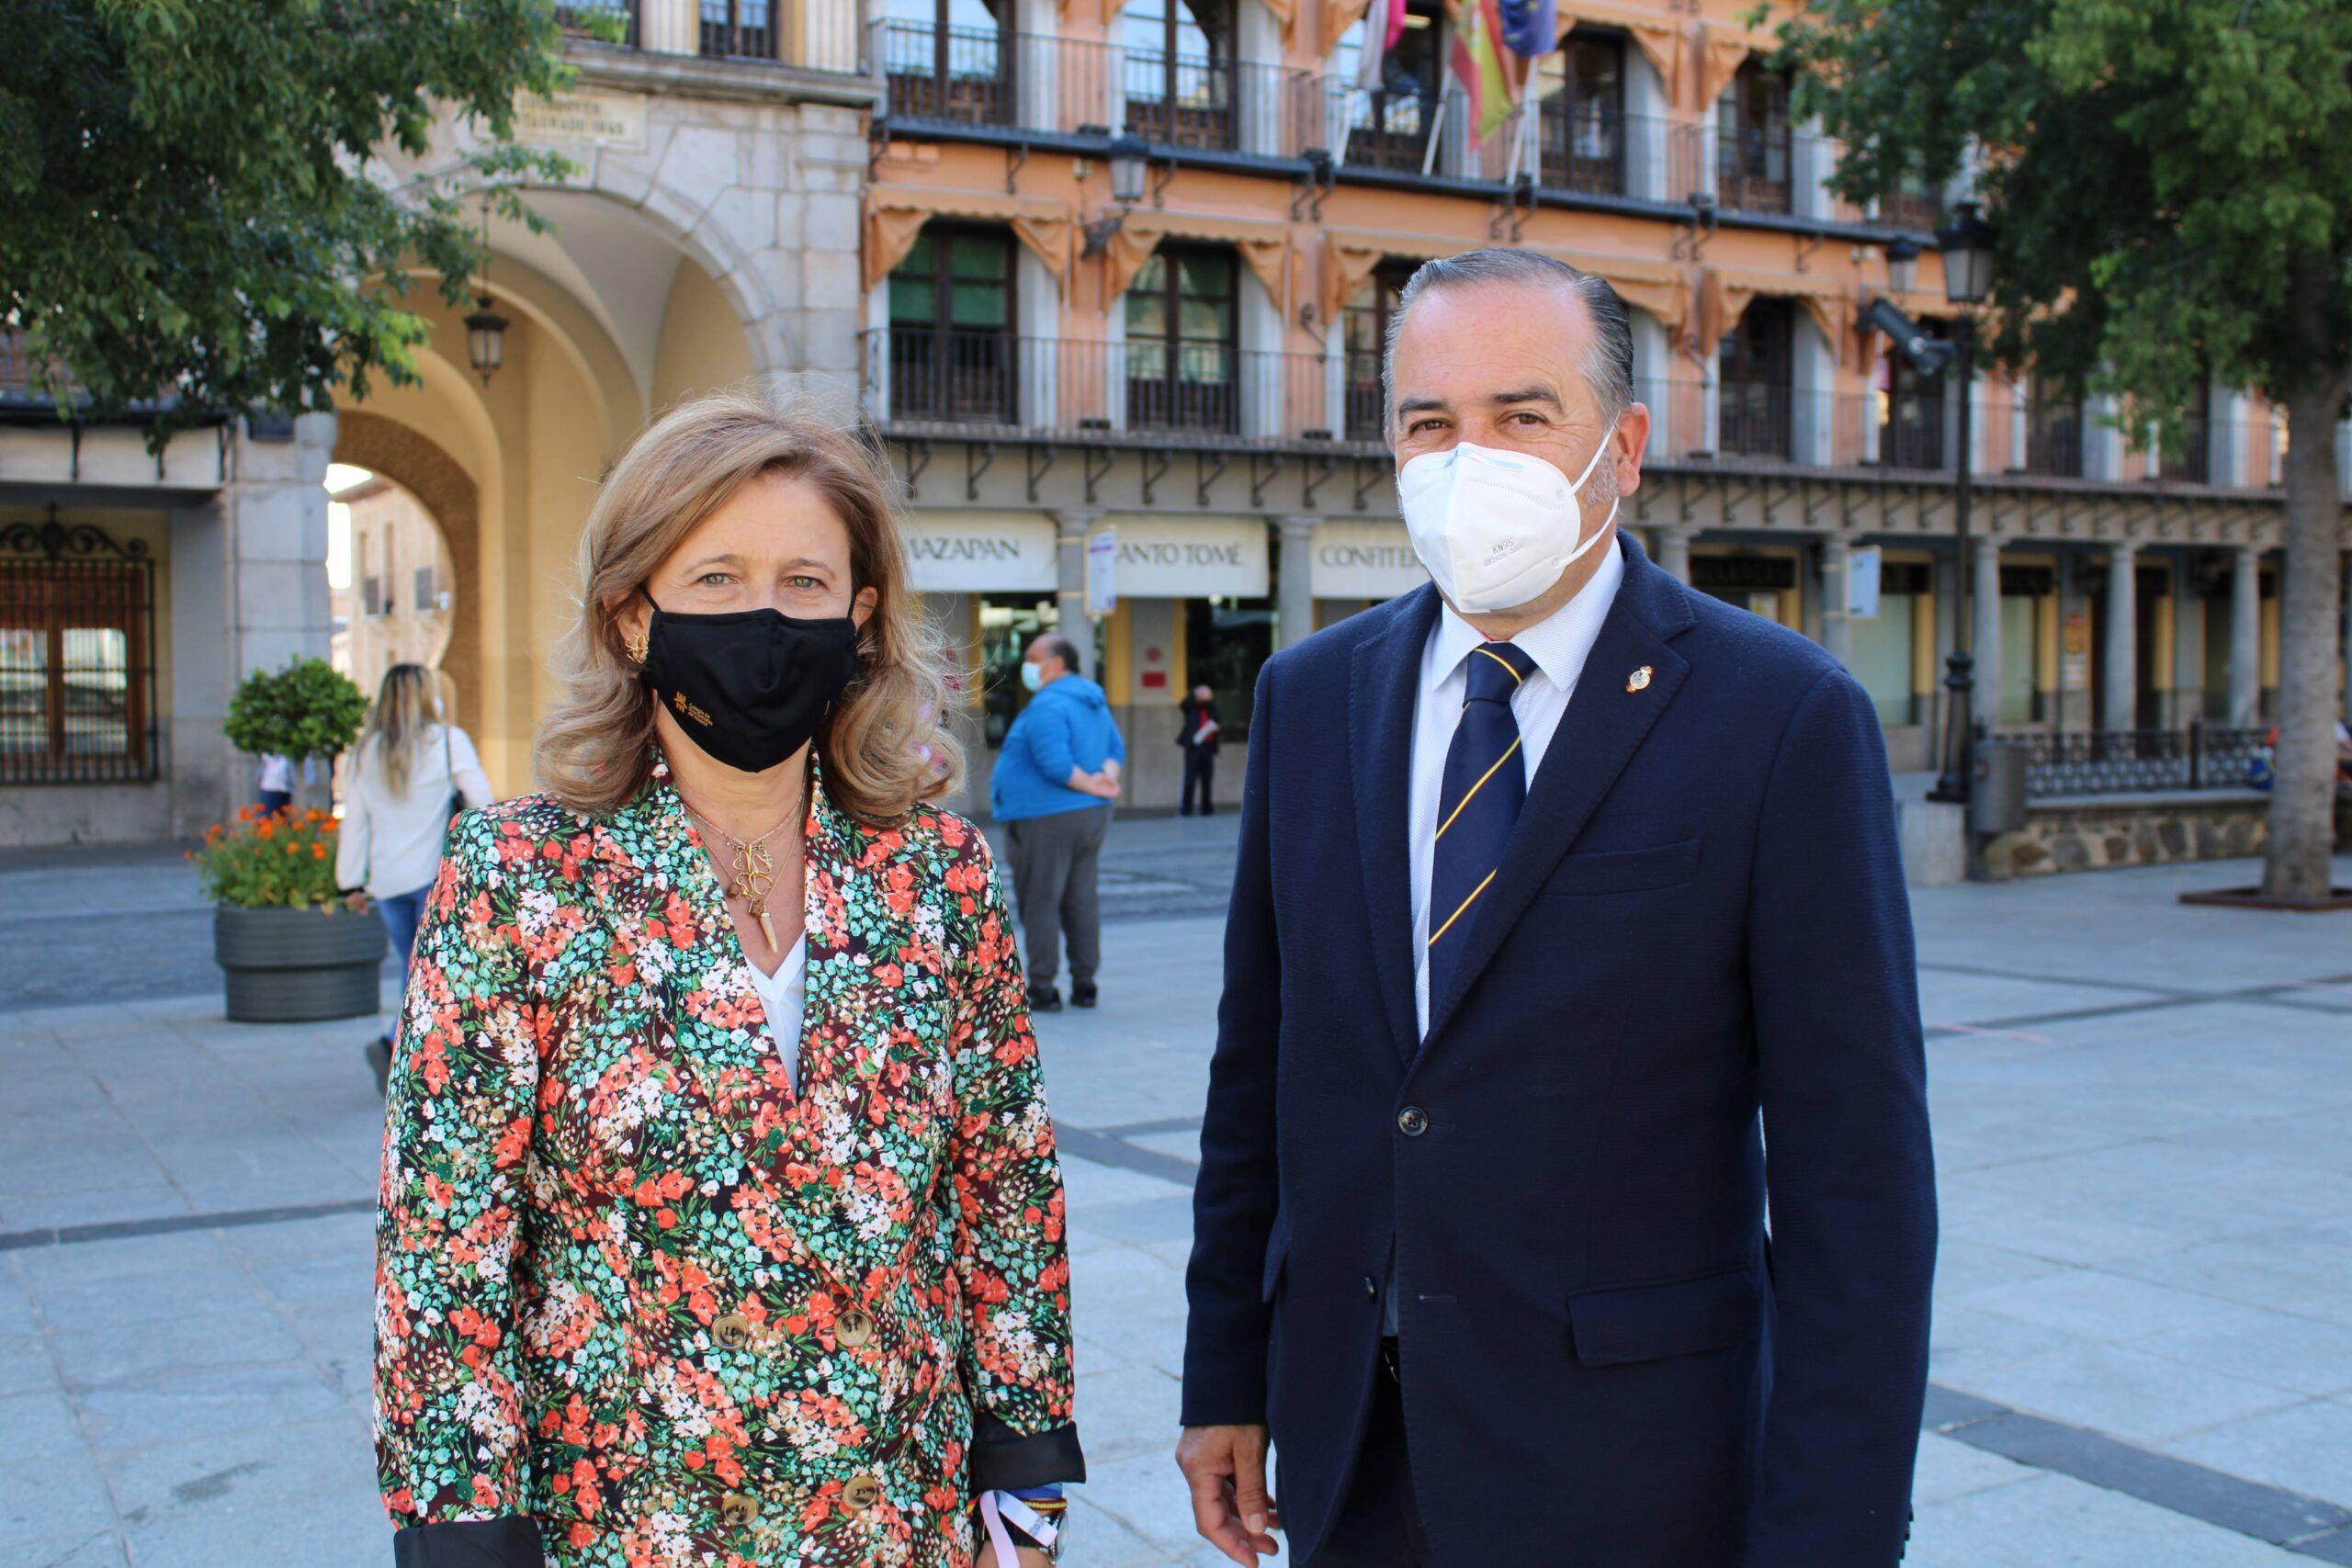 Gregorio asegura que en Madrid ha ganado la libertad, como sucederá en España y en Castilla-La Mancha con Pablo Casado y Paco Núñez